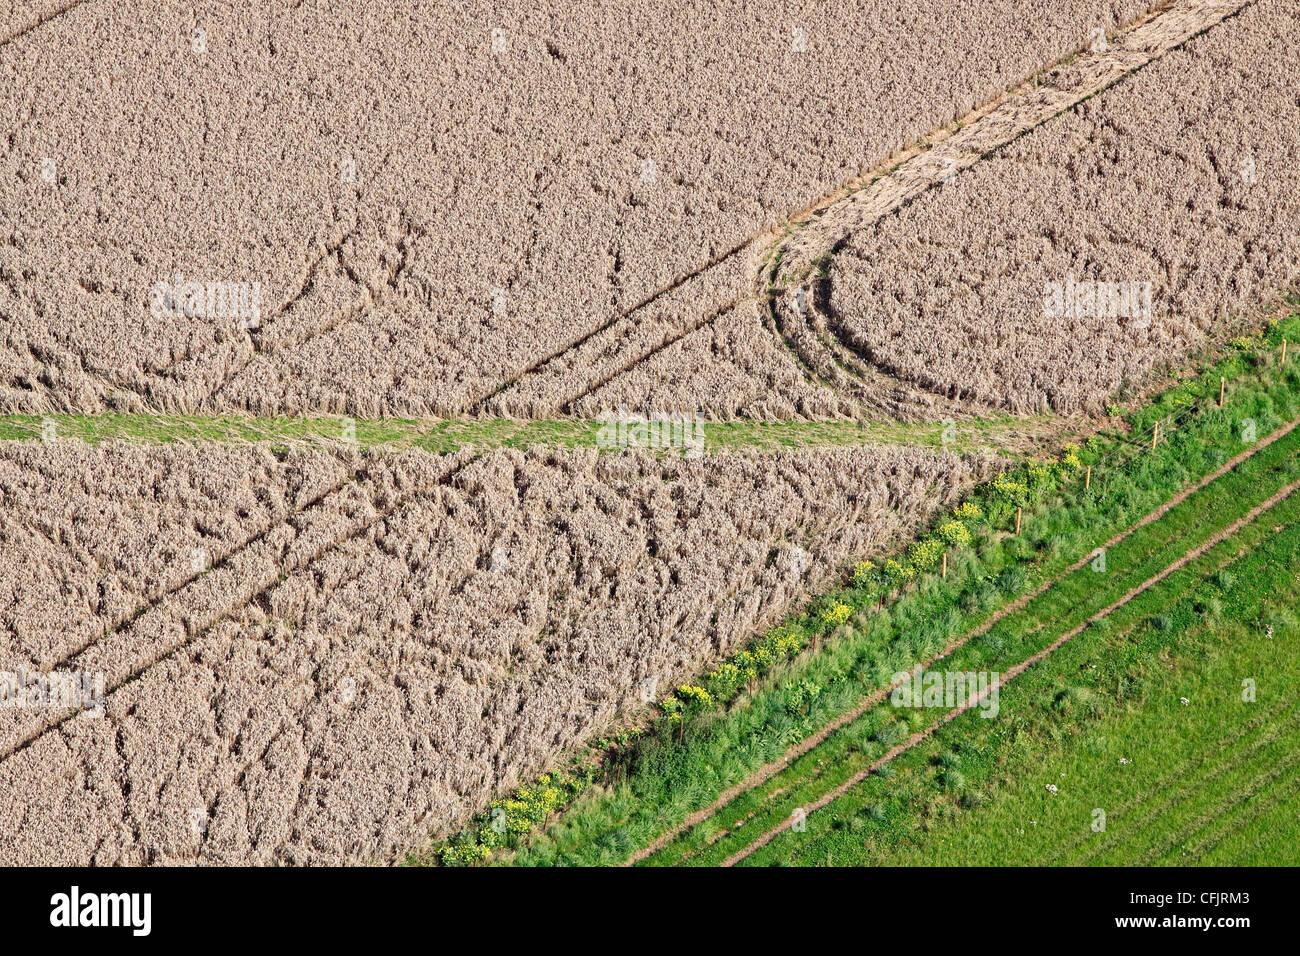 Vista aerea di danneggiare il raccolto in un campo di grano Immagini Stock